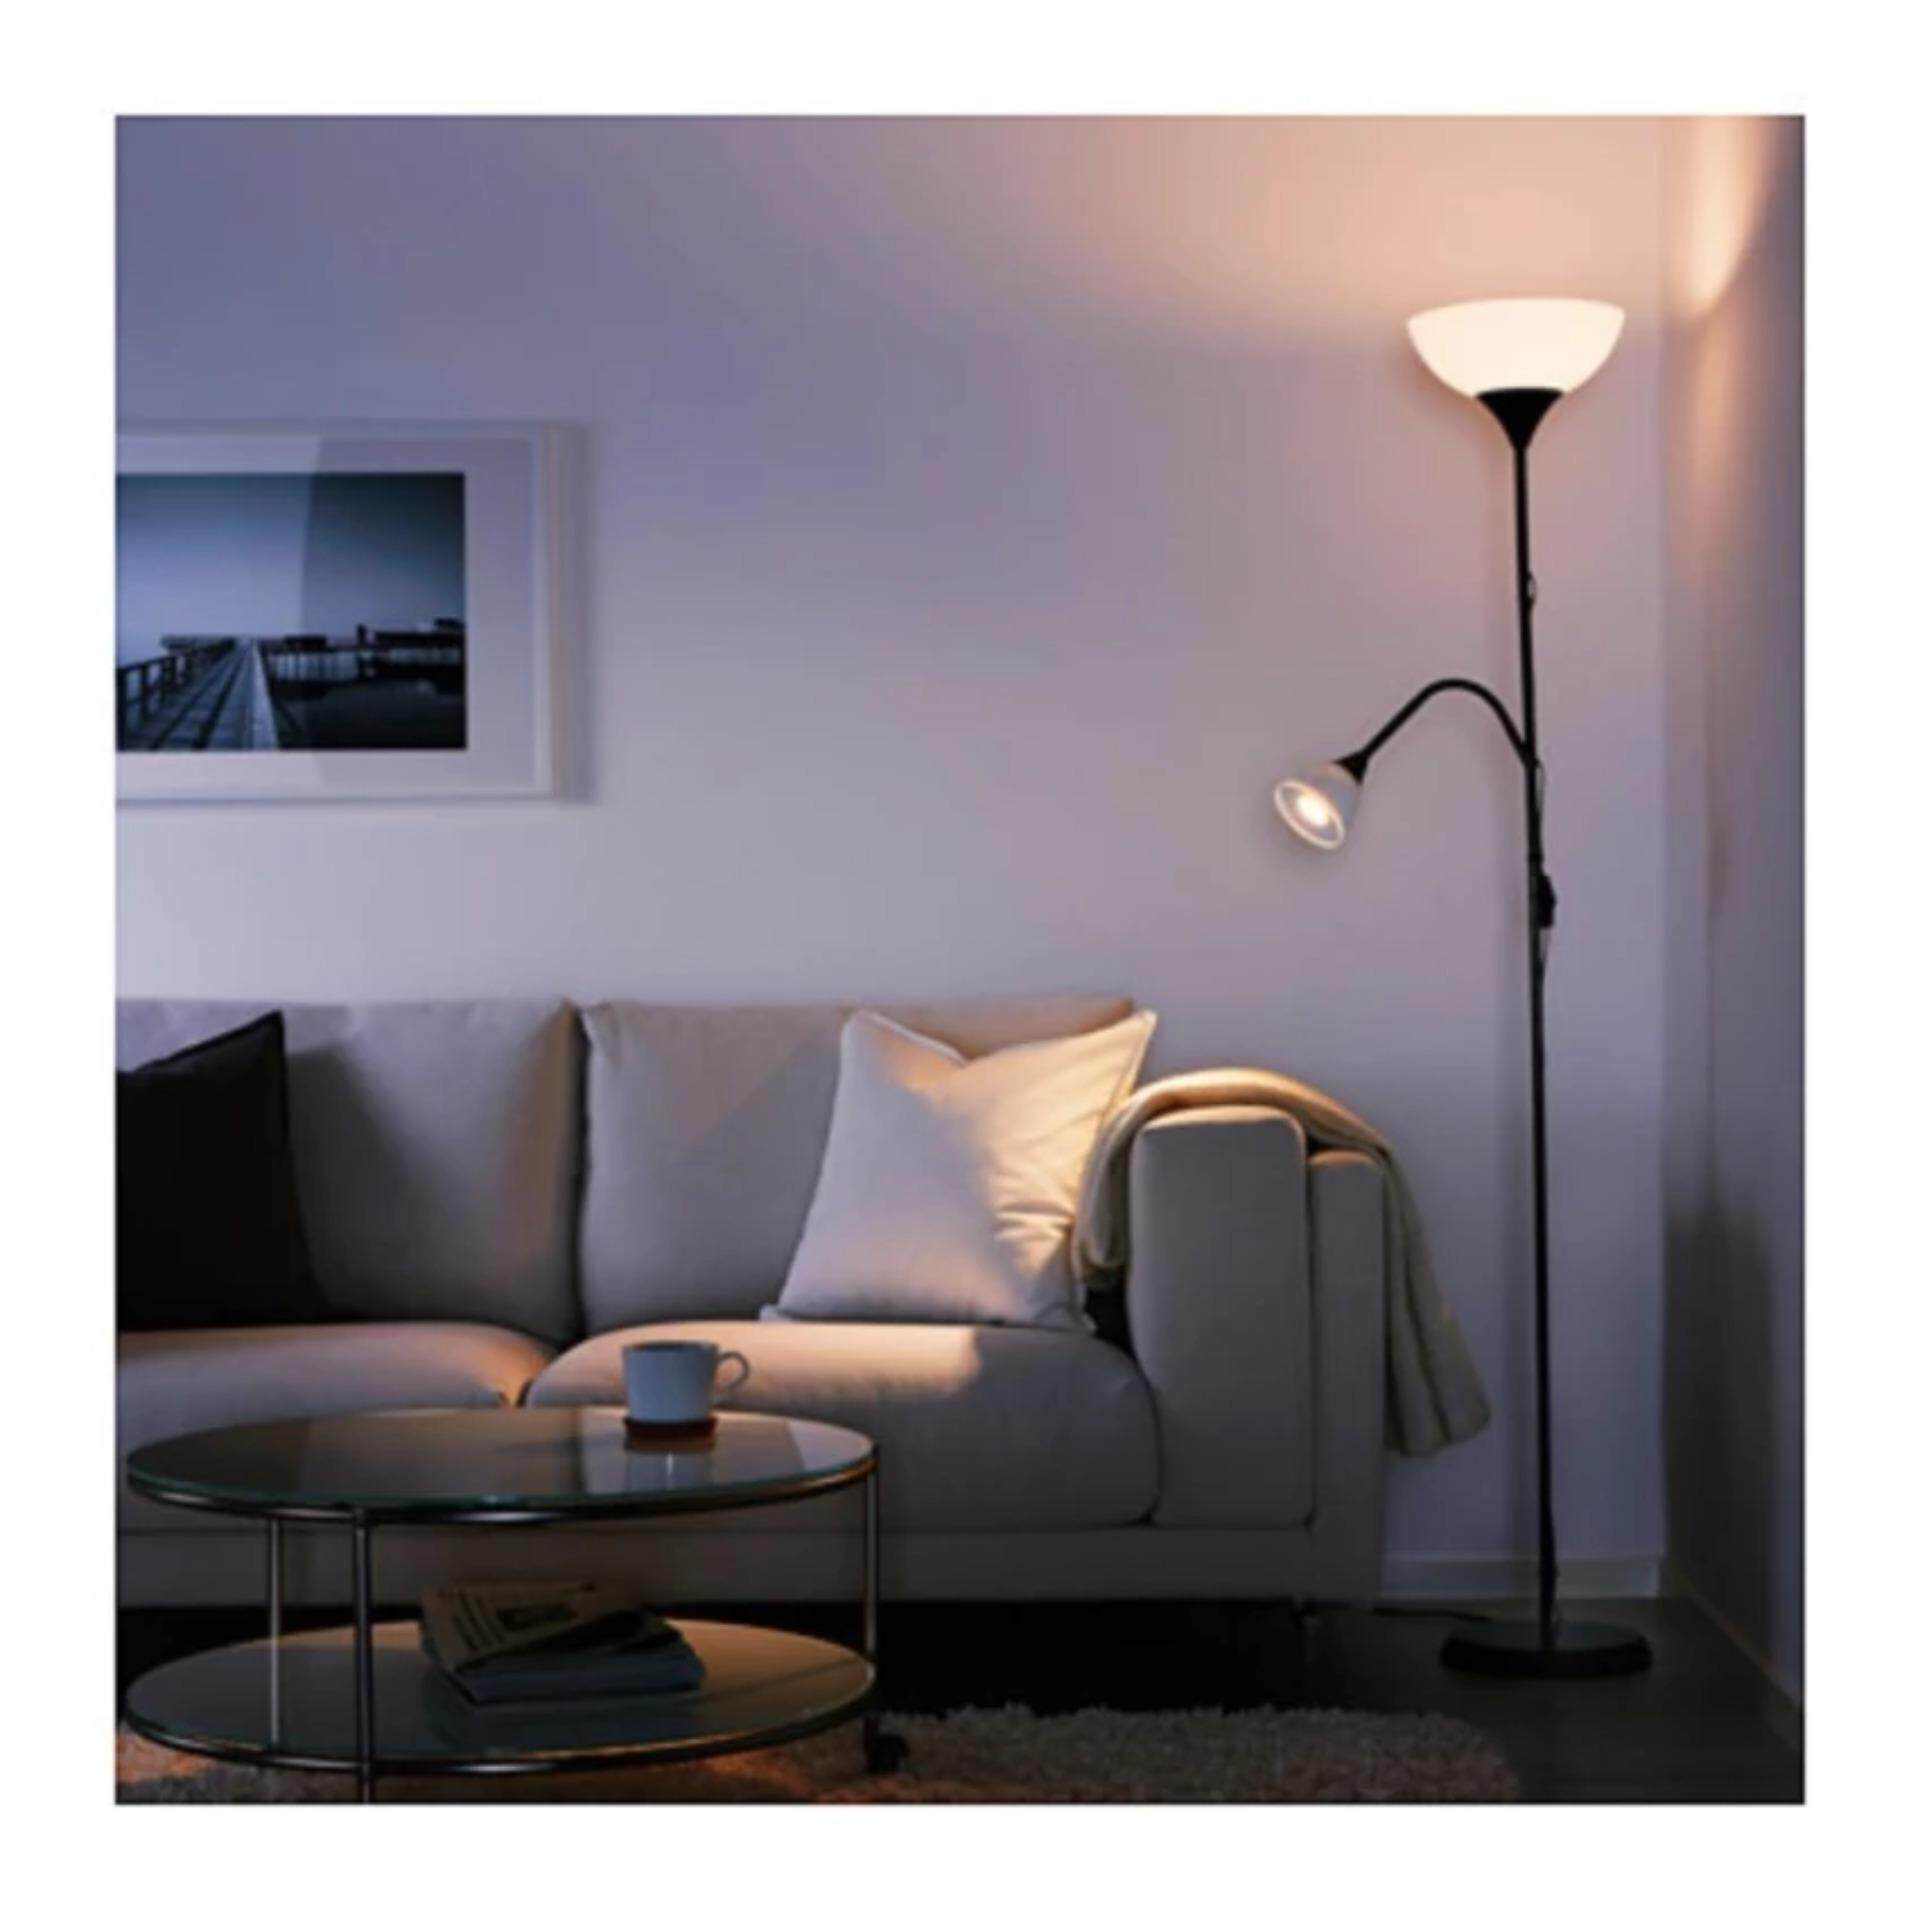 IKEA Floor Lamp lighter/reading lamp, black, white (Black) - intl